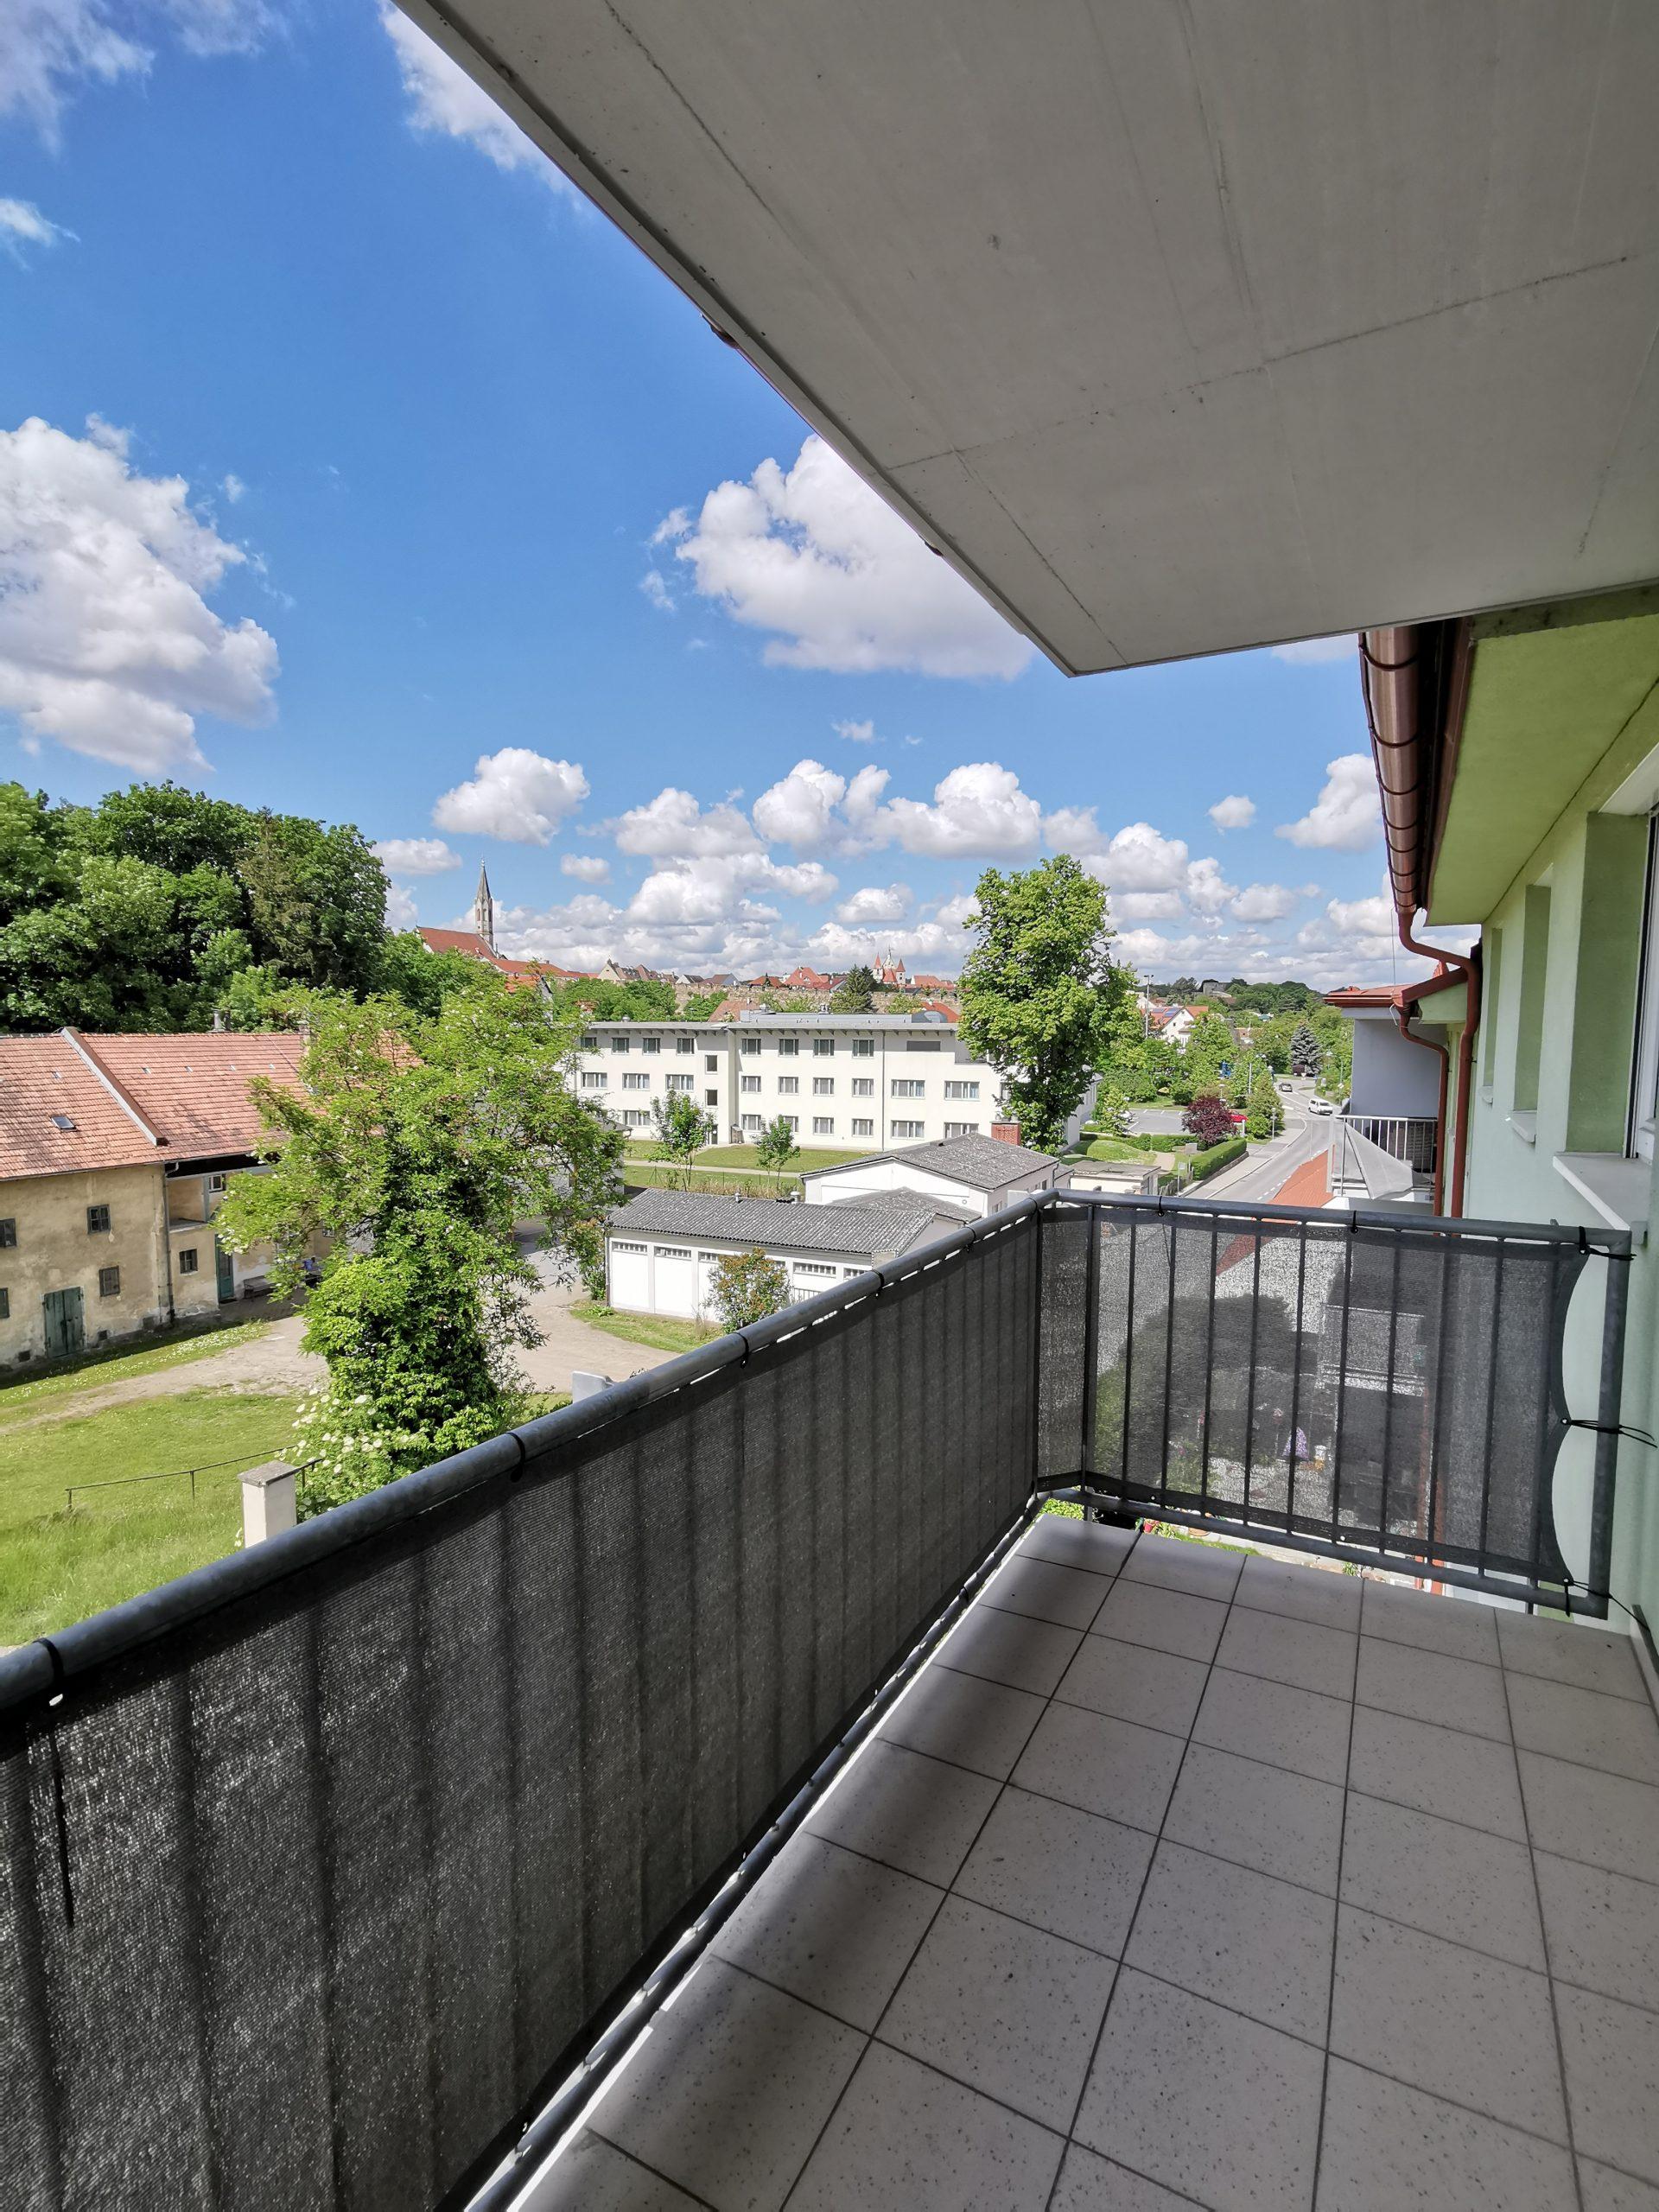 Immobilie von Kamptal in 3730 Eggenburg, Horn, Eggenburg V/2 - Top 111 #4